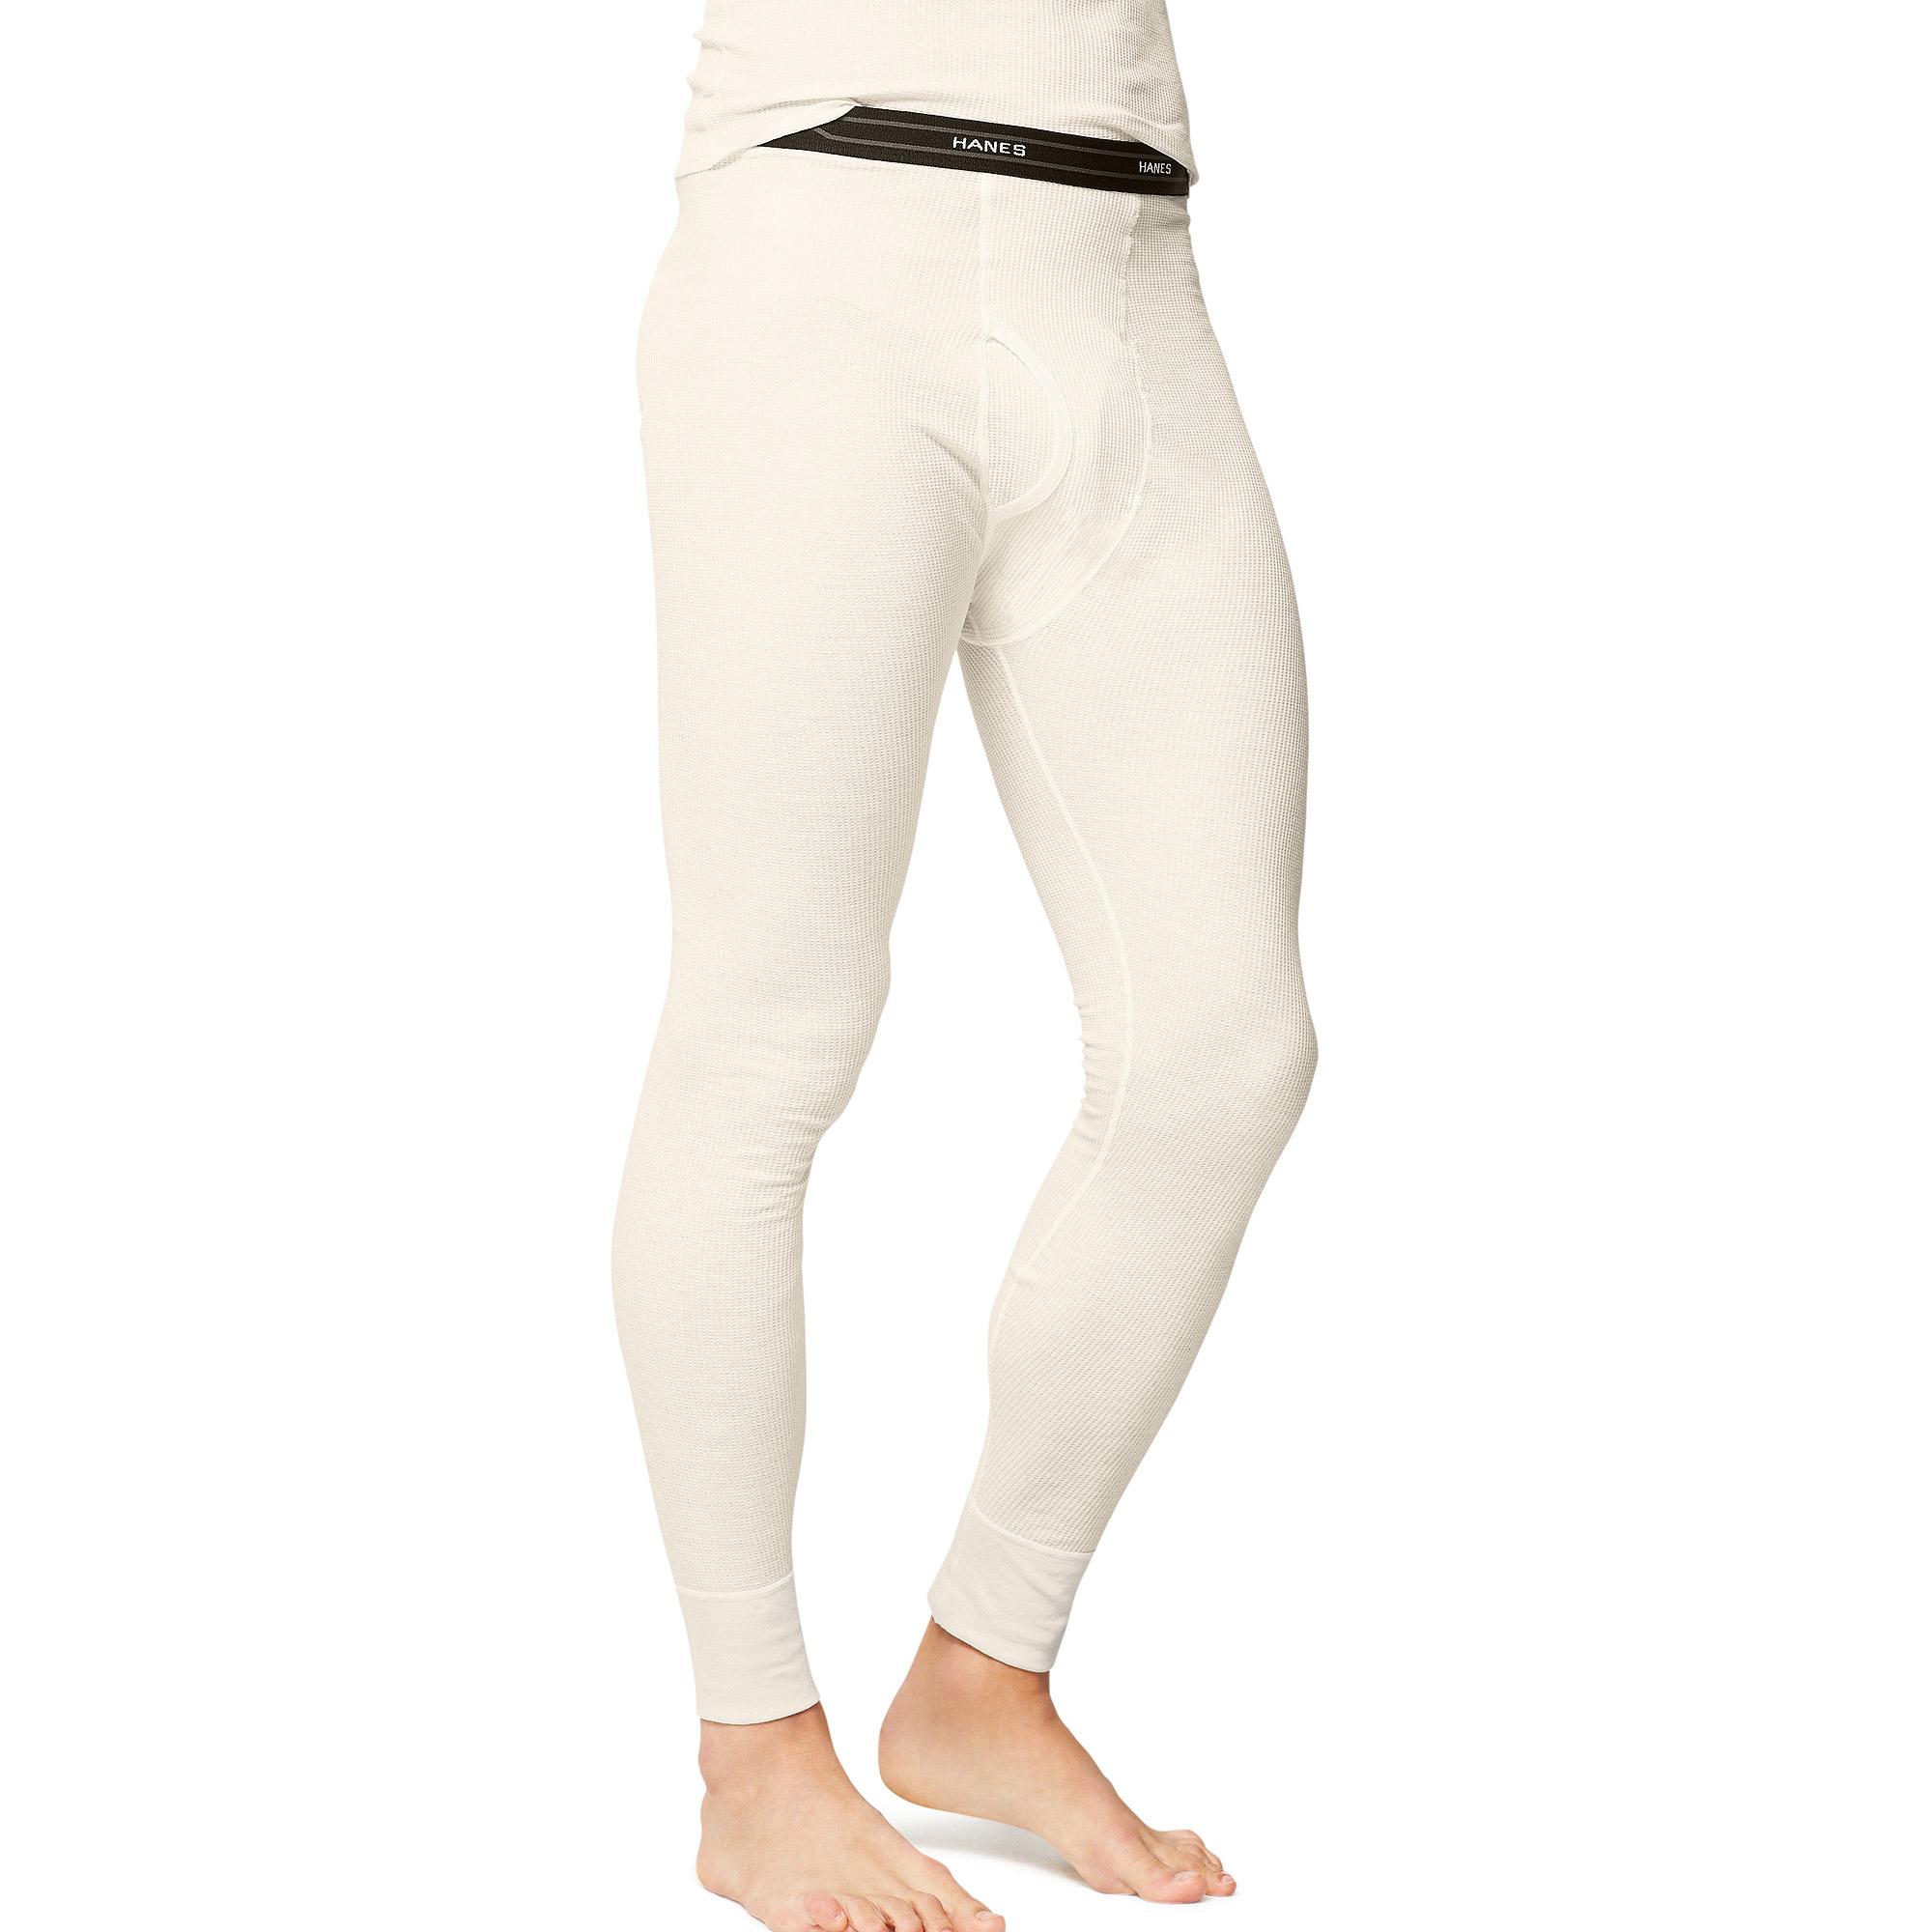 Hanes Big Men's Beefy Thermal Underwear Pant